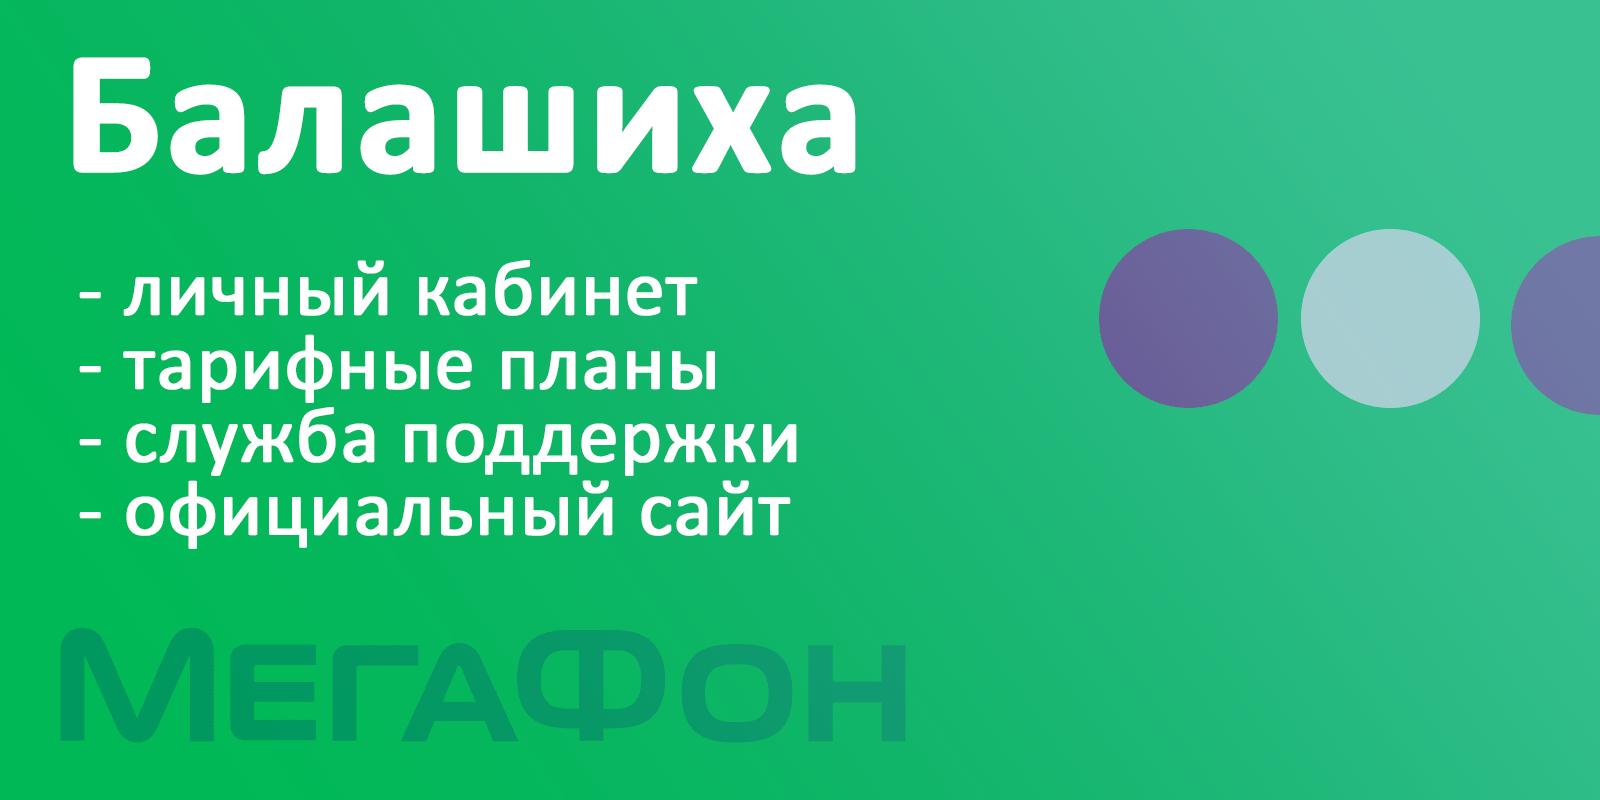 МегаФон Балашиха - официальный сайт, тарифы, личный кабинет